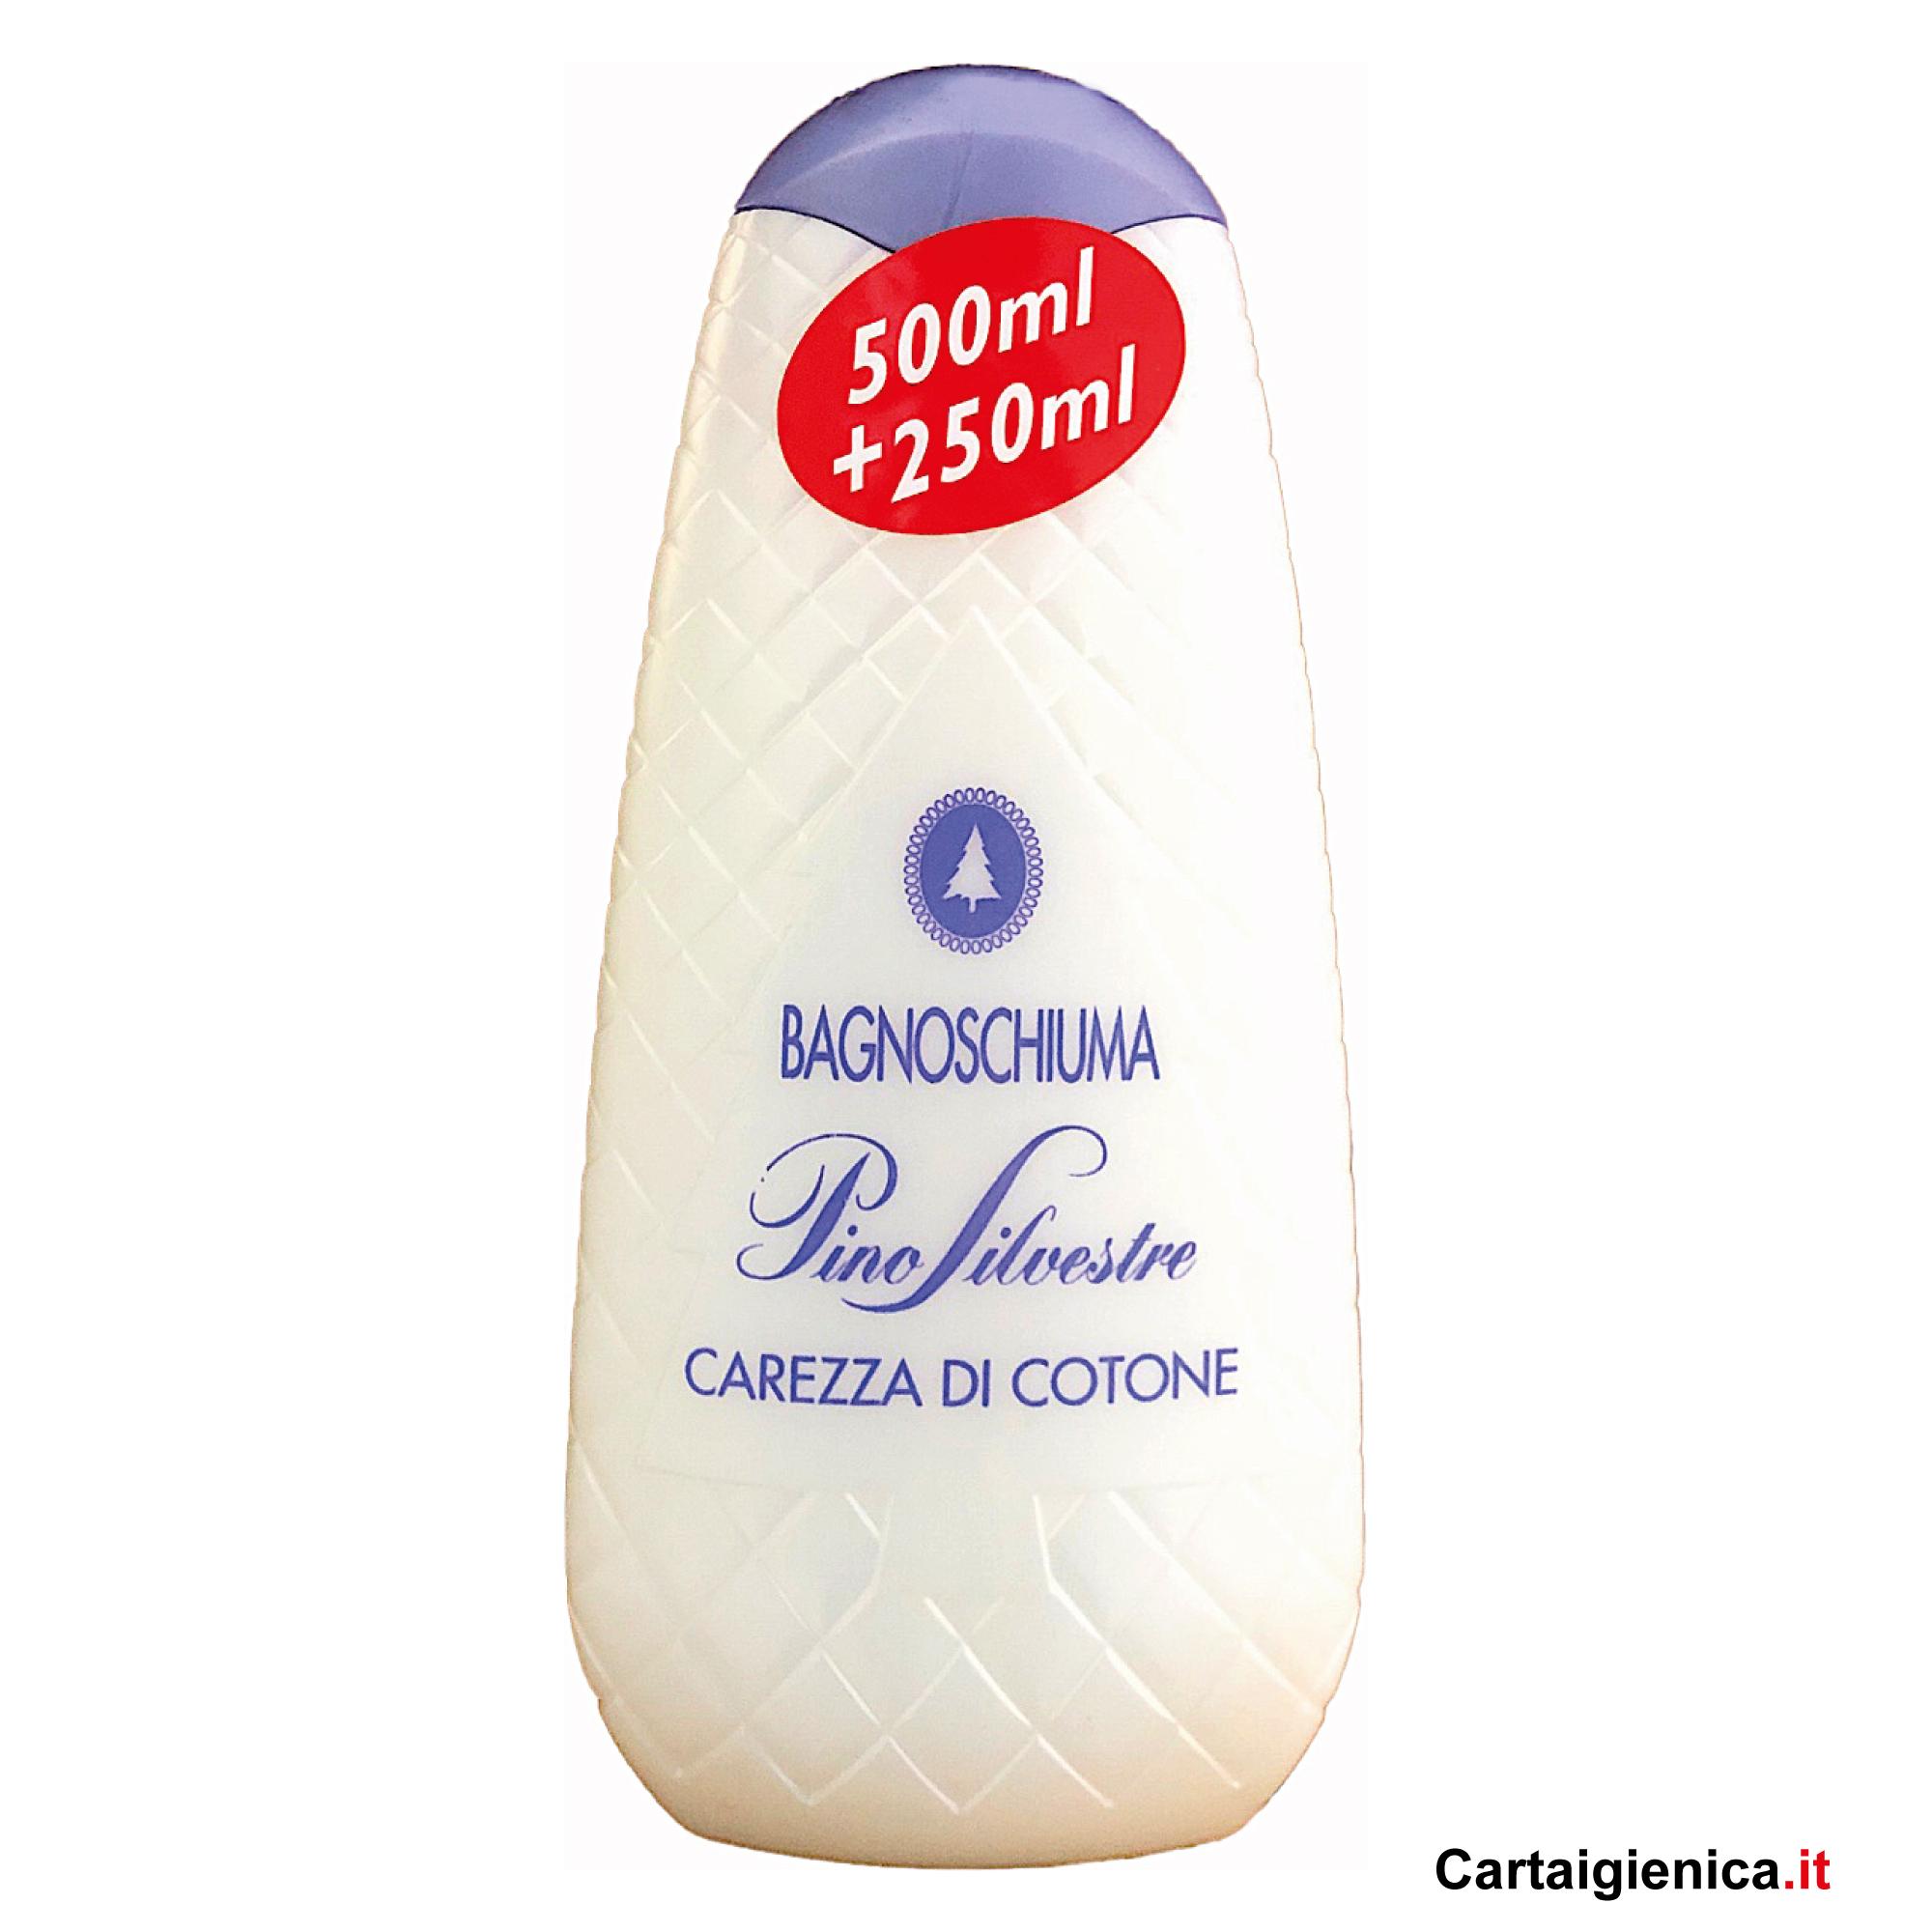 Pinosilvestre Carezza di Cotone Bagnoschiuma 750 ml